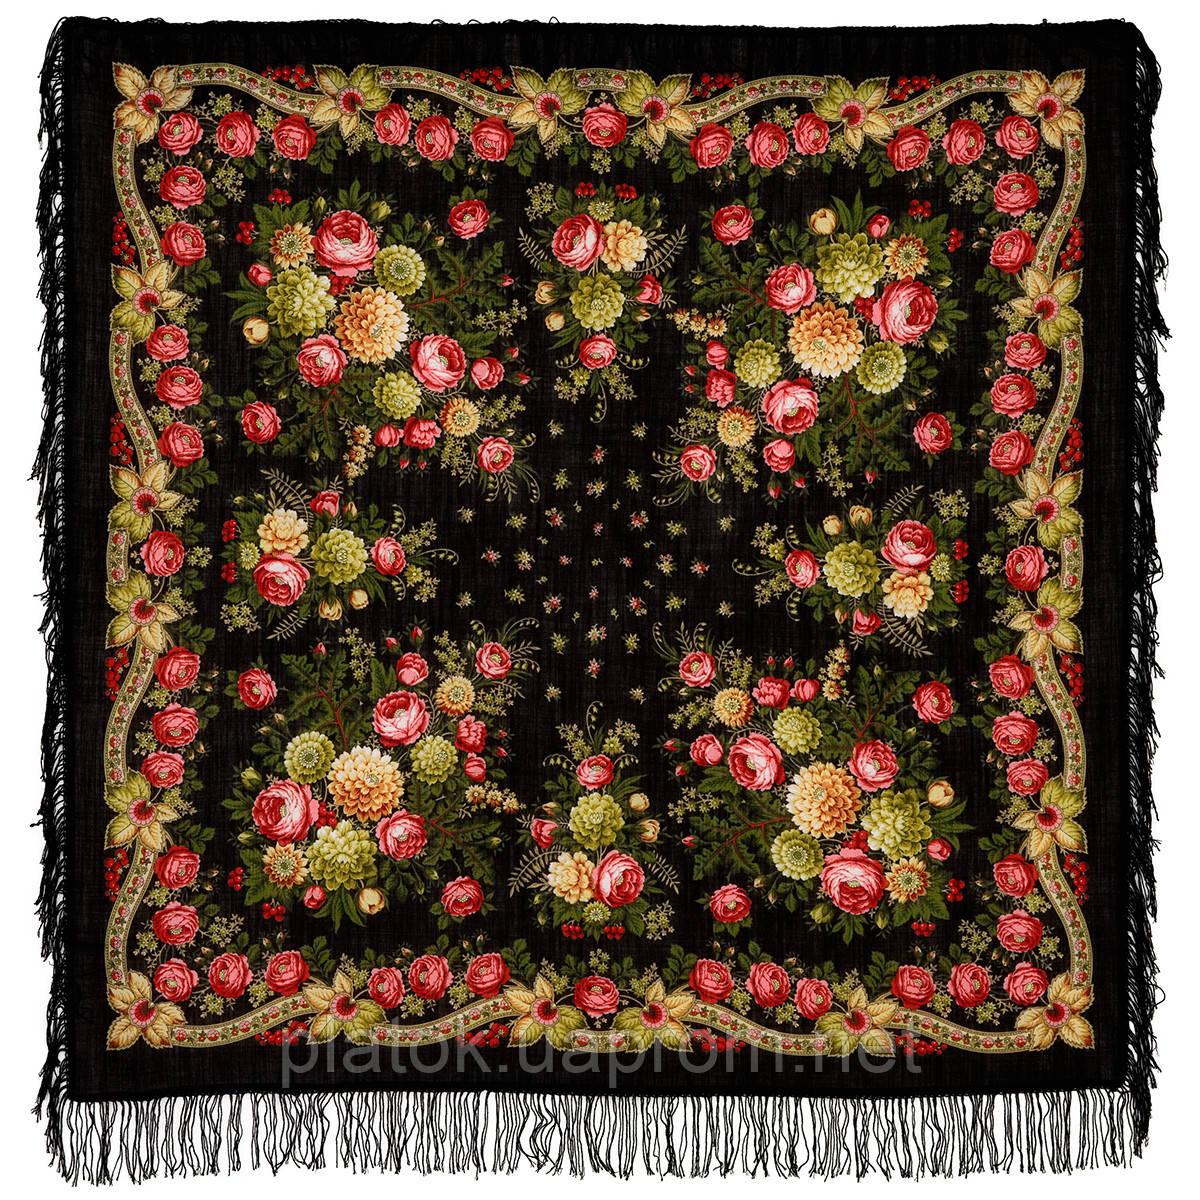 Чорні очі 1194-18, павлопосадский вовняну хустку з вовняної бахромою